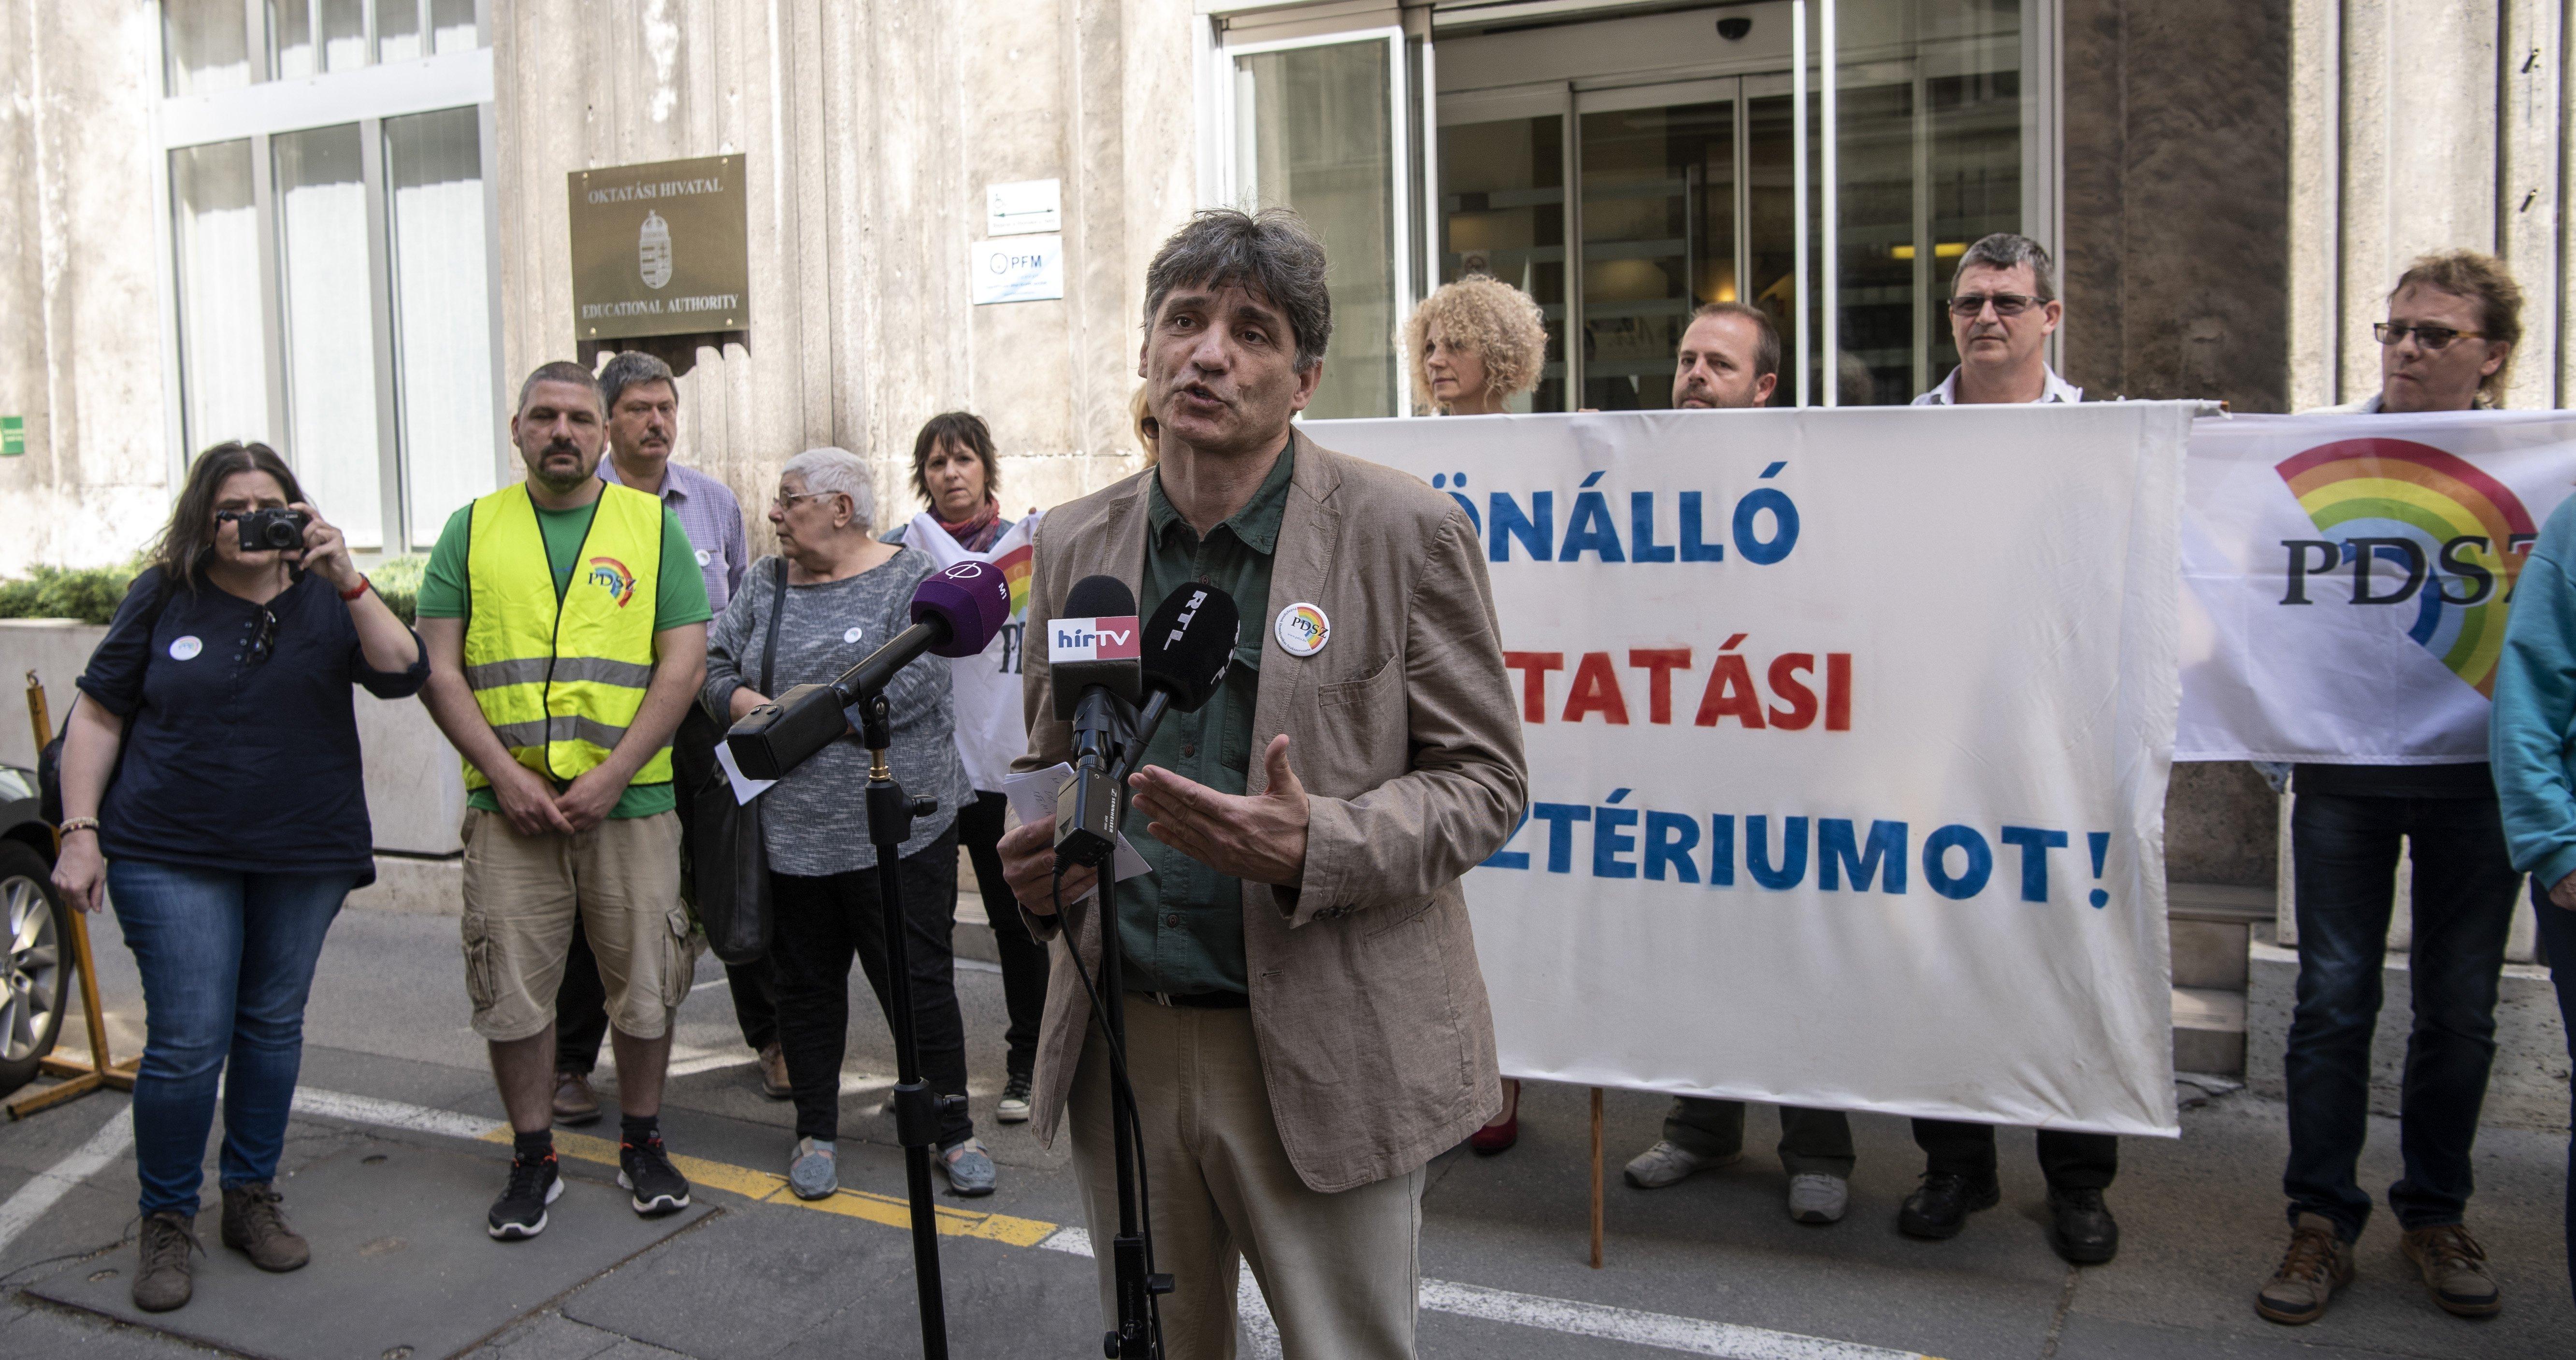 Az utolsó pillanatban megakadályozták a tanársztrájkot a tankerületek